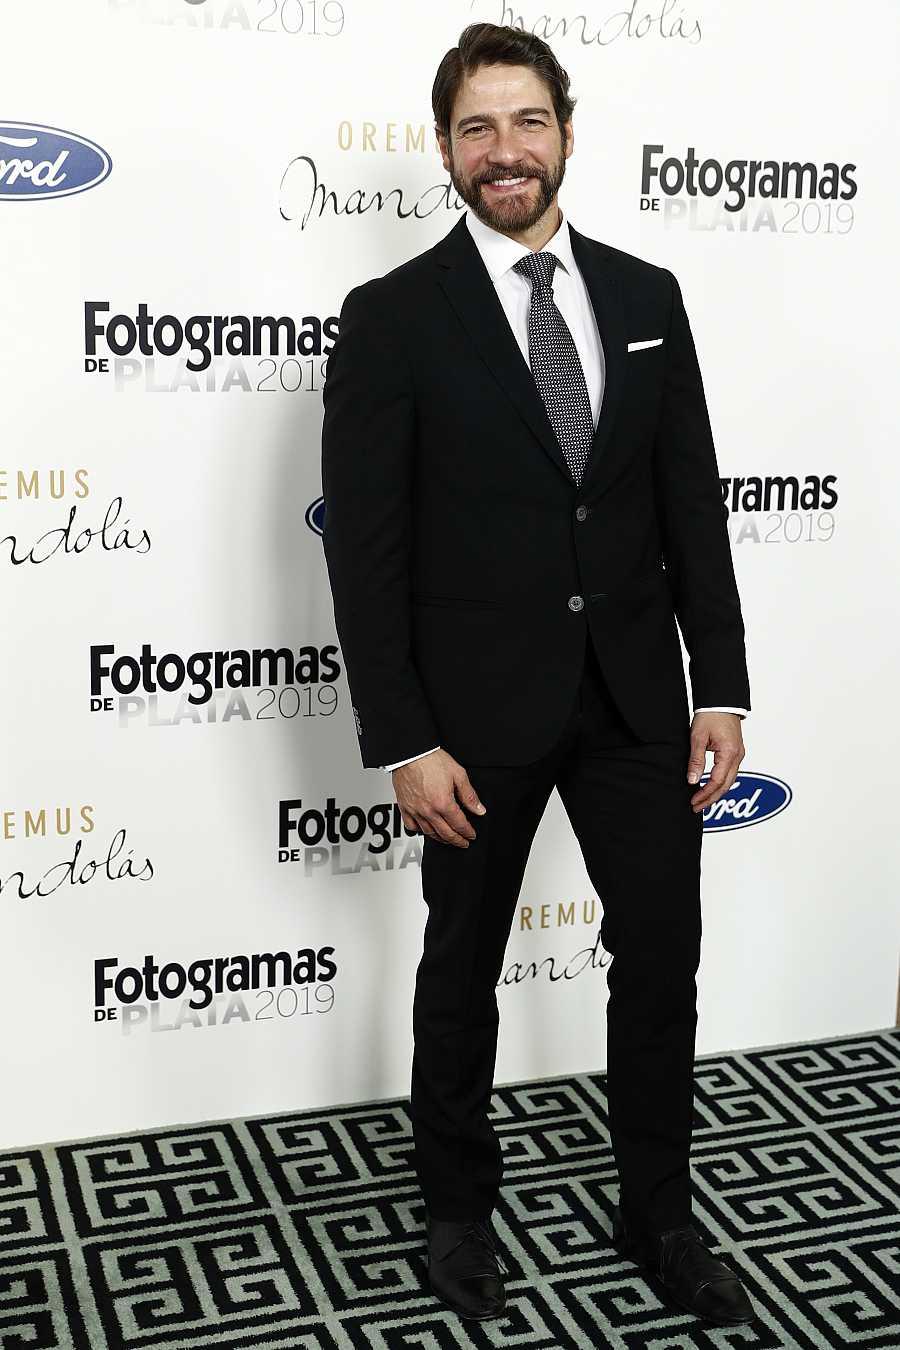 Félix Gómez en los premios Fotogramas que se celebraron en Madrid